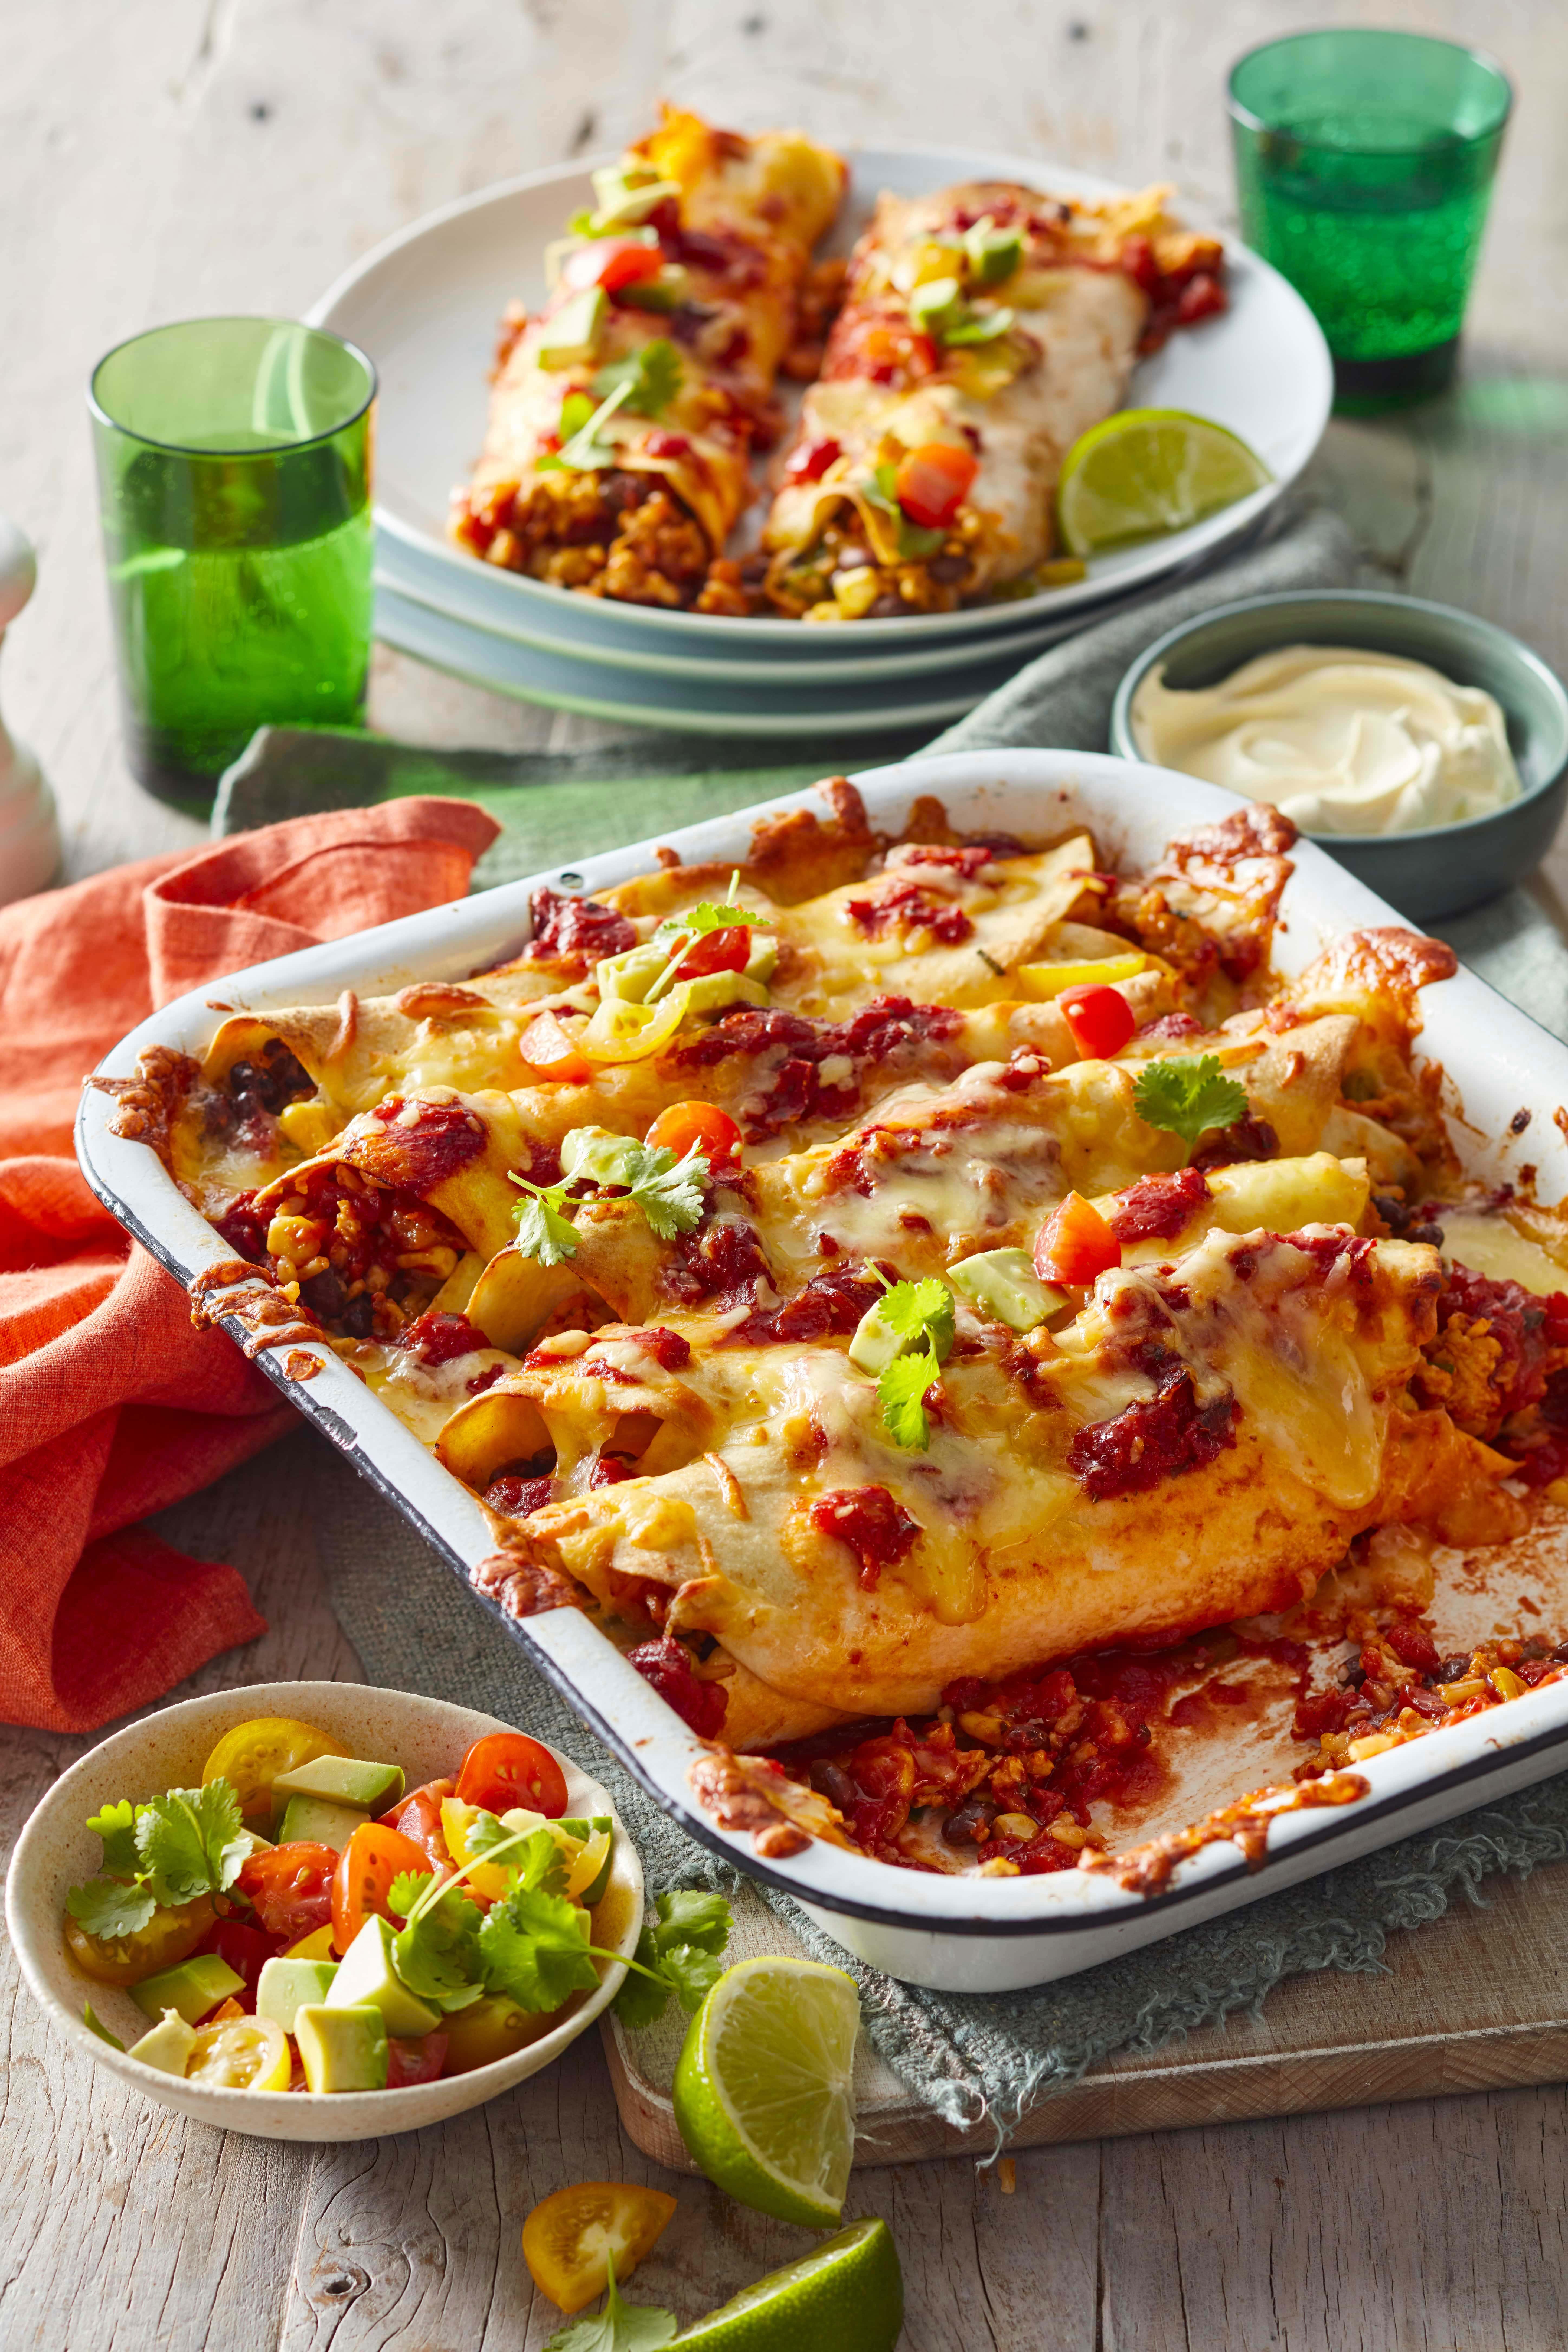 Chicken enchiladas with rice inside